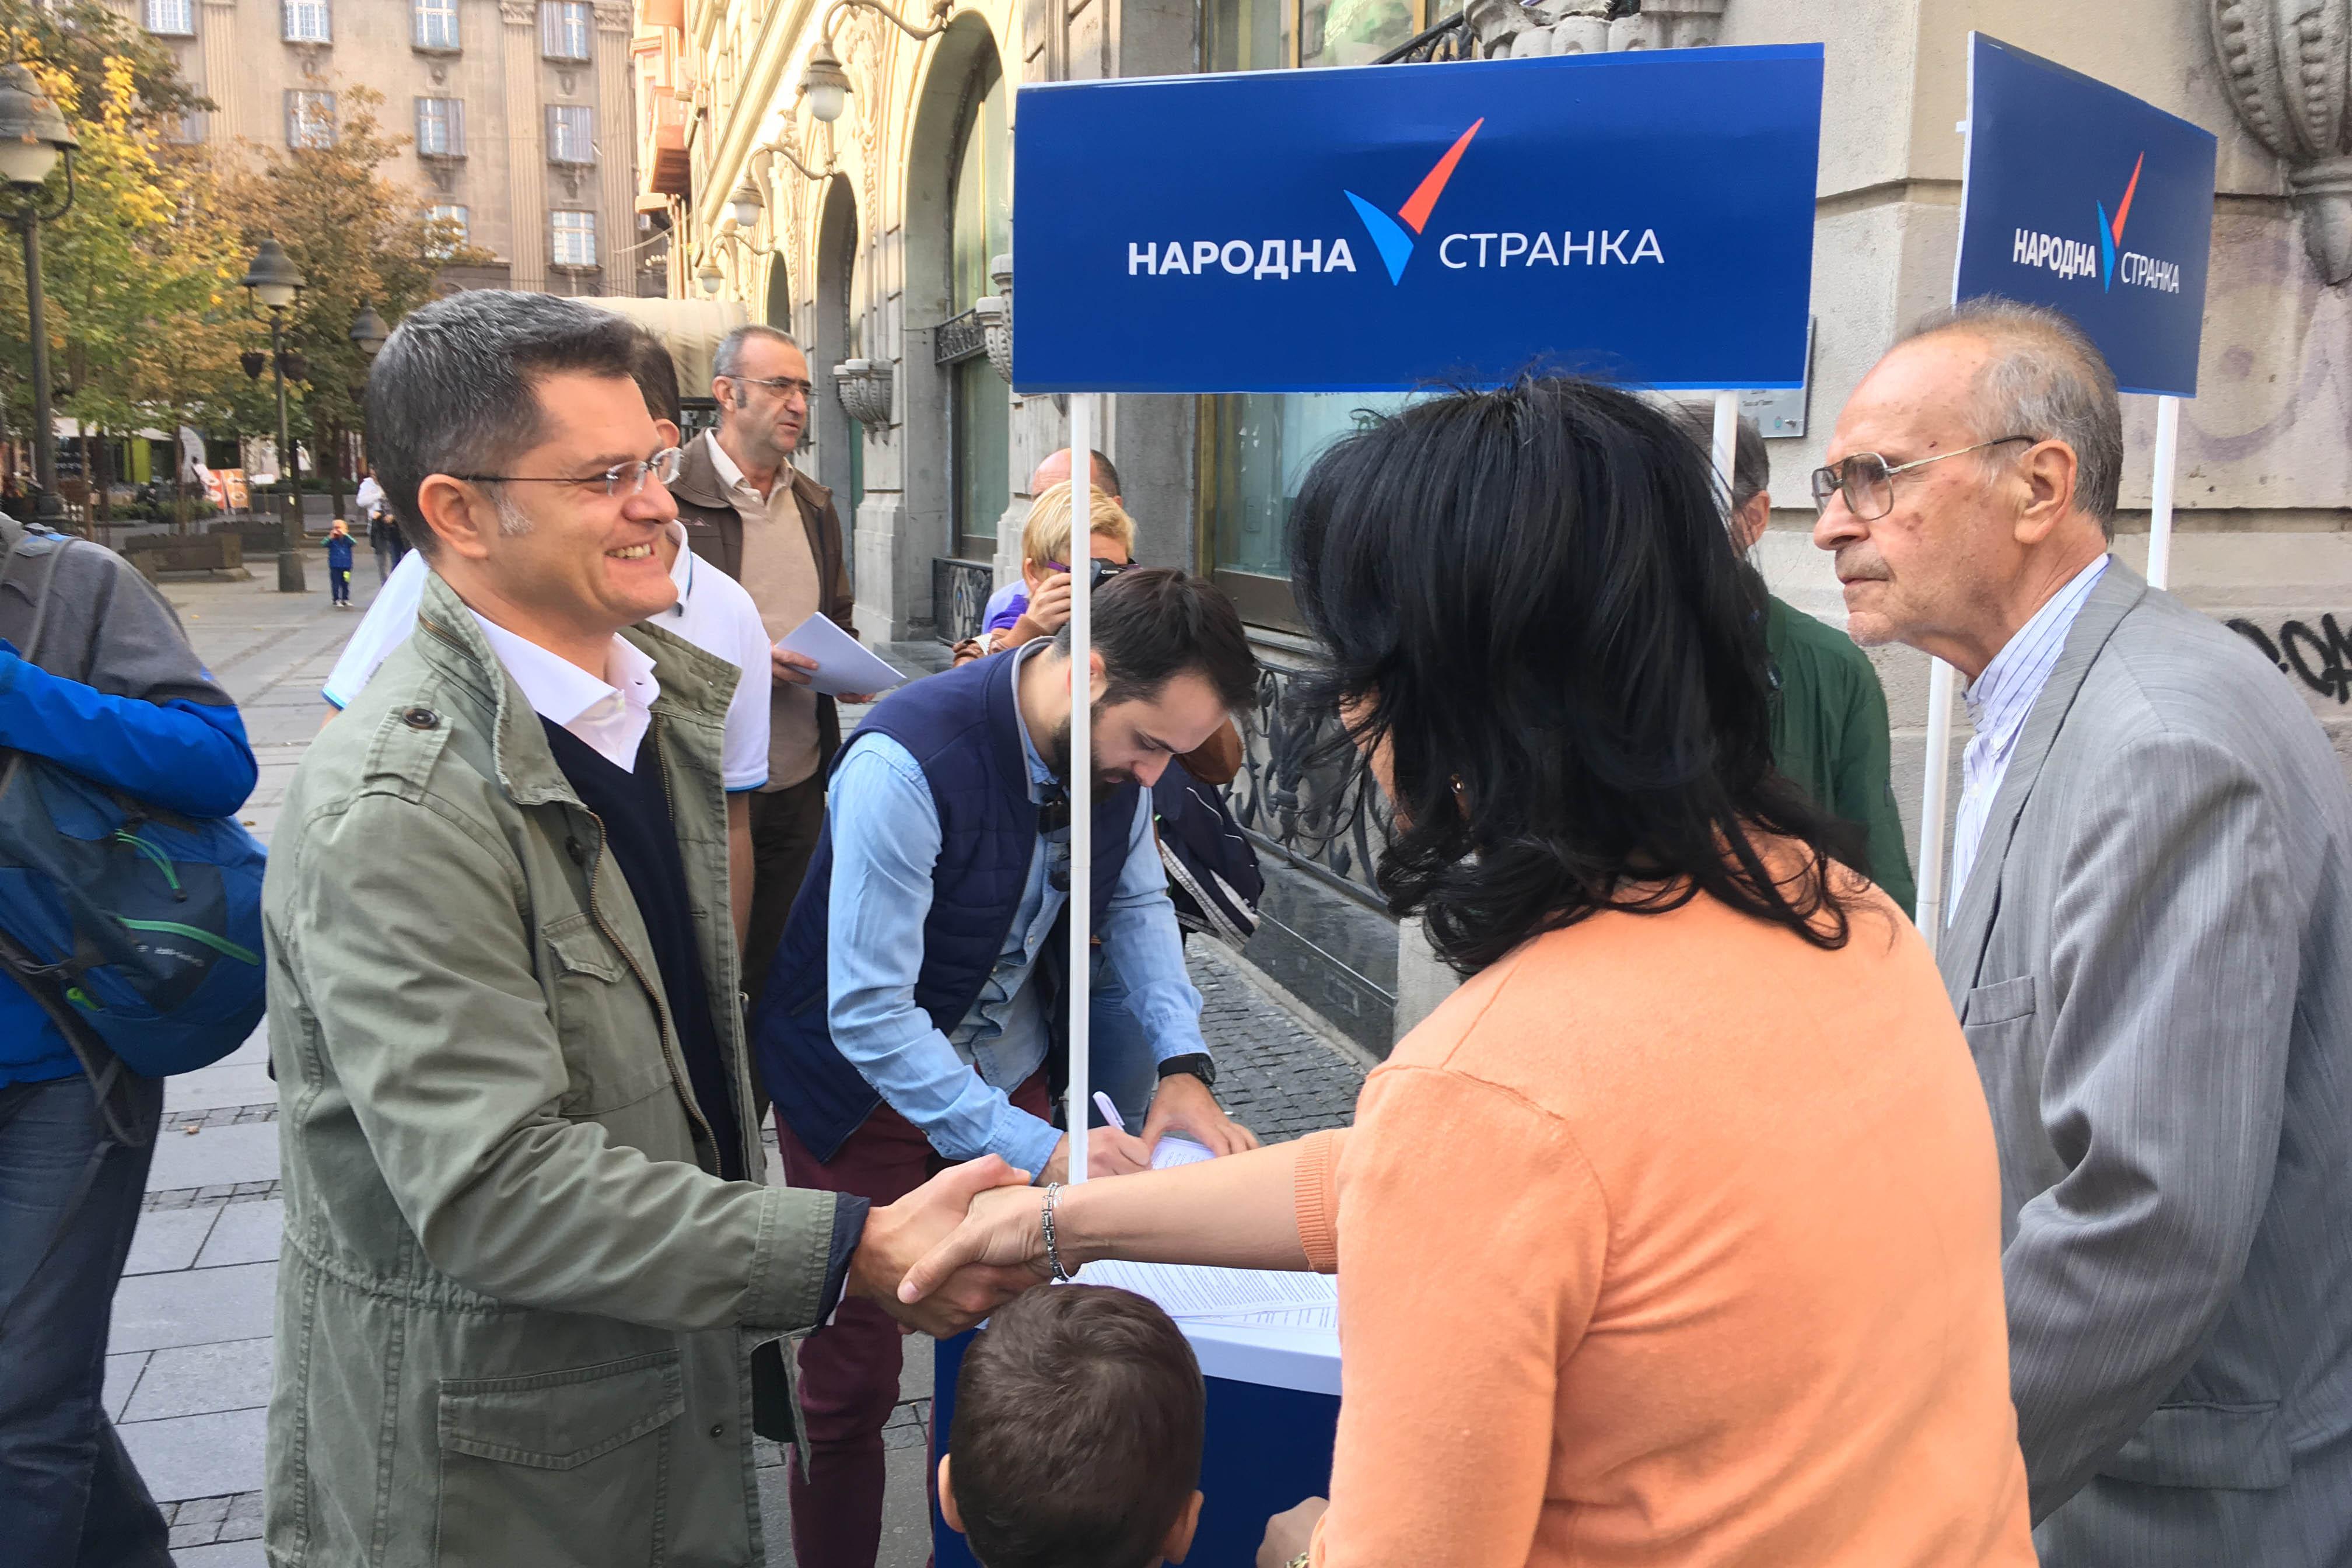 Потписивање Прогласа за Србију